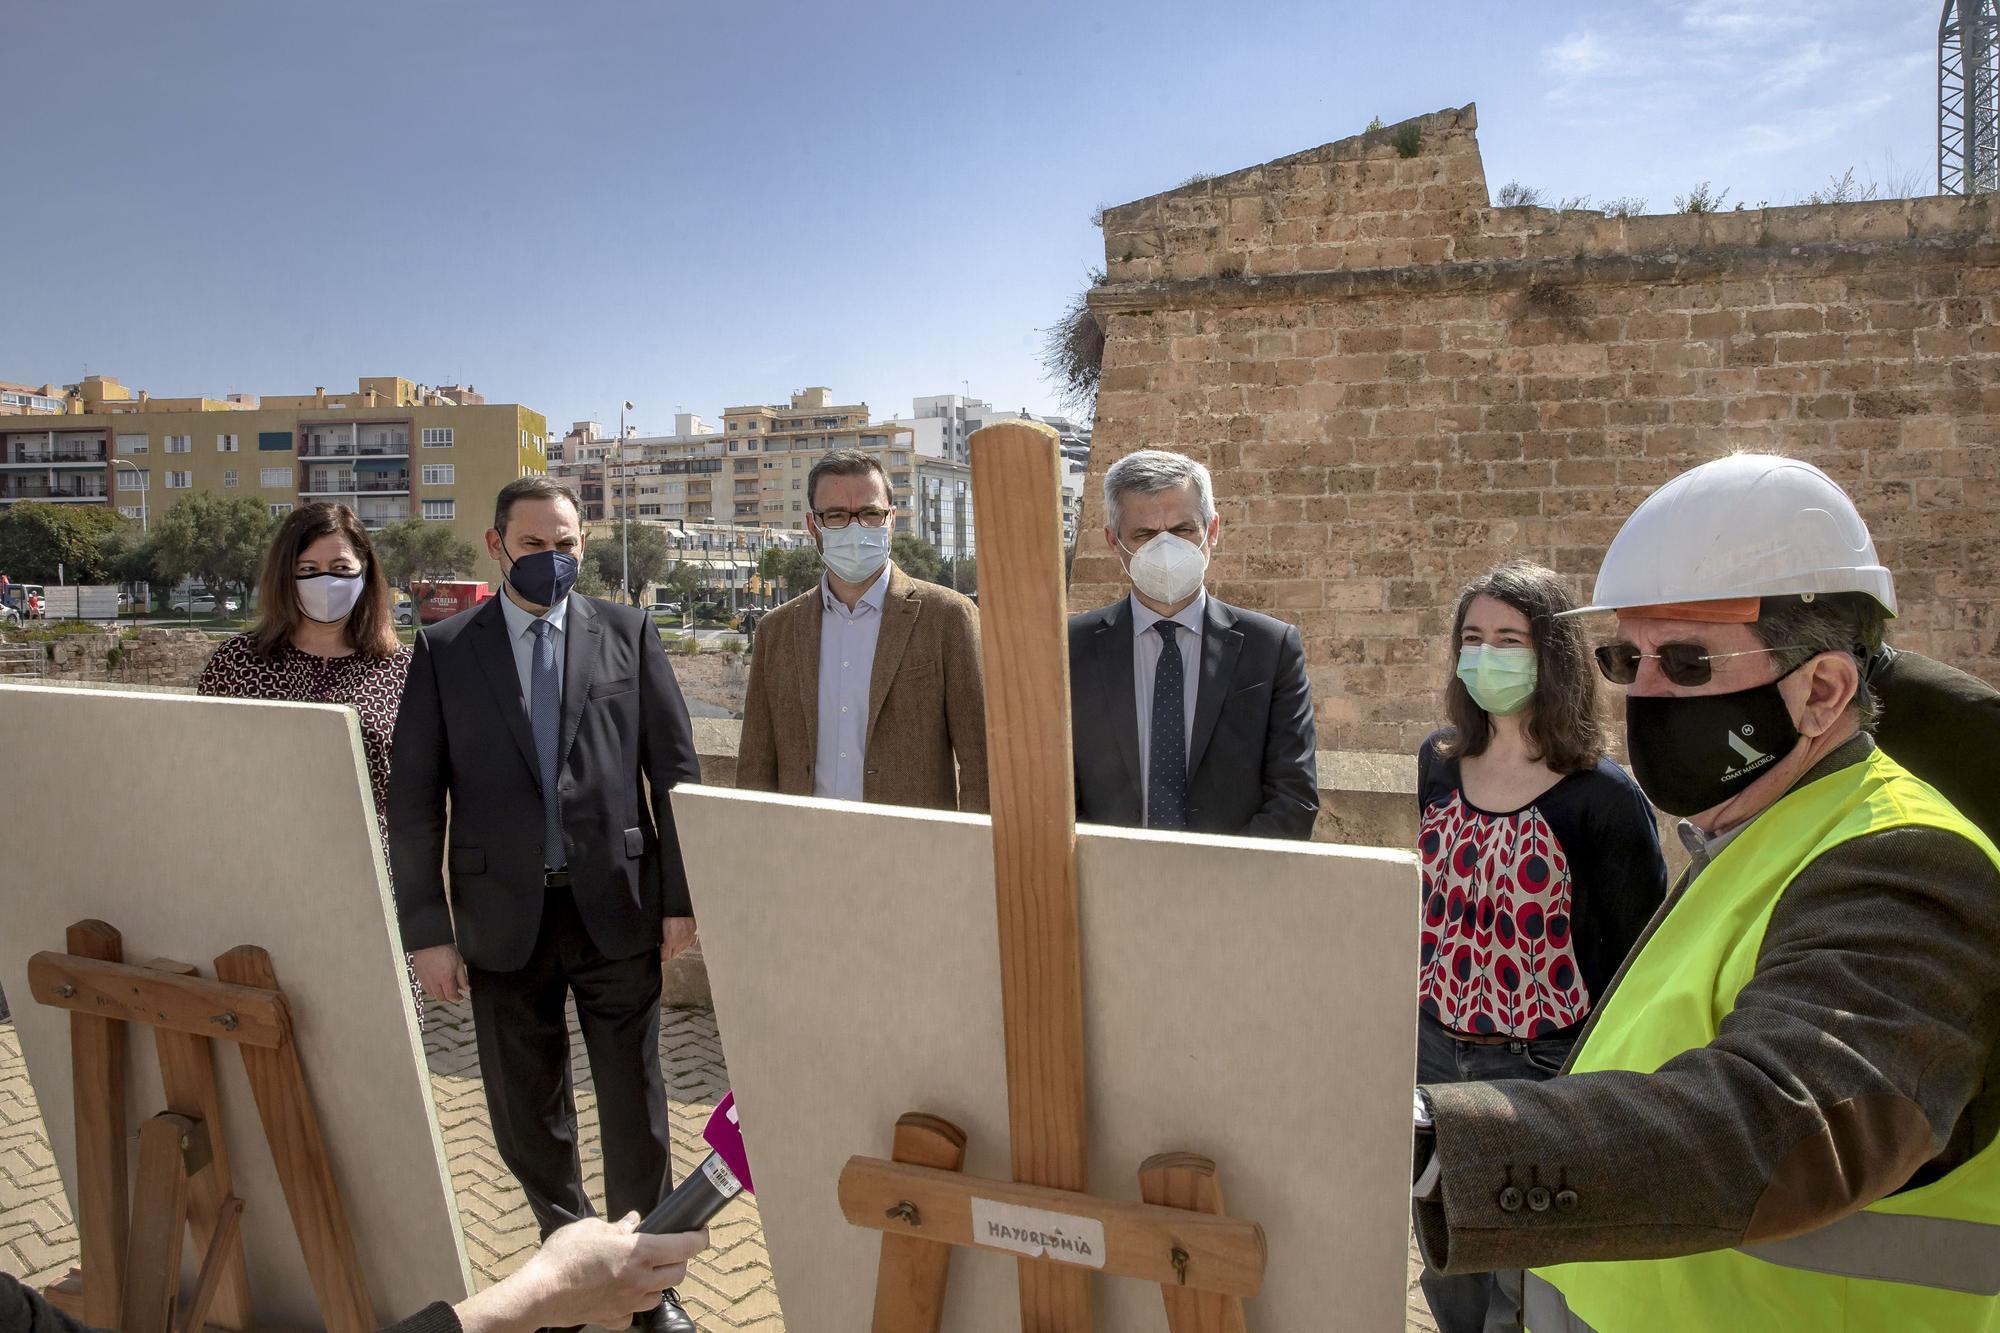 El ministro Ábalos visita el Baluard del Princep con la presidenta Armengol y el alcalde Hila